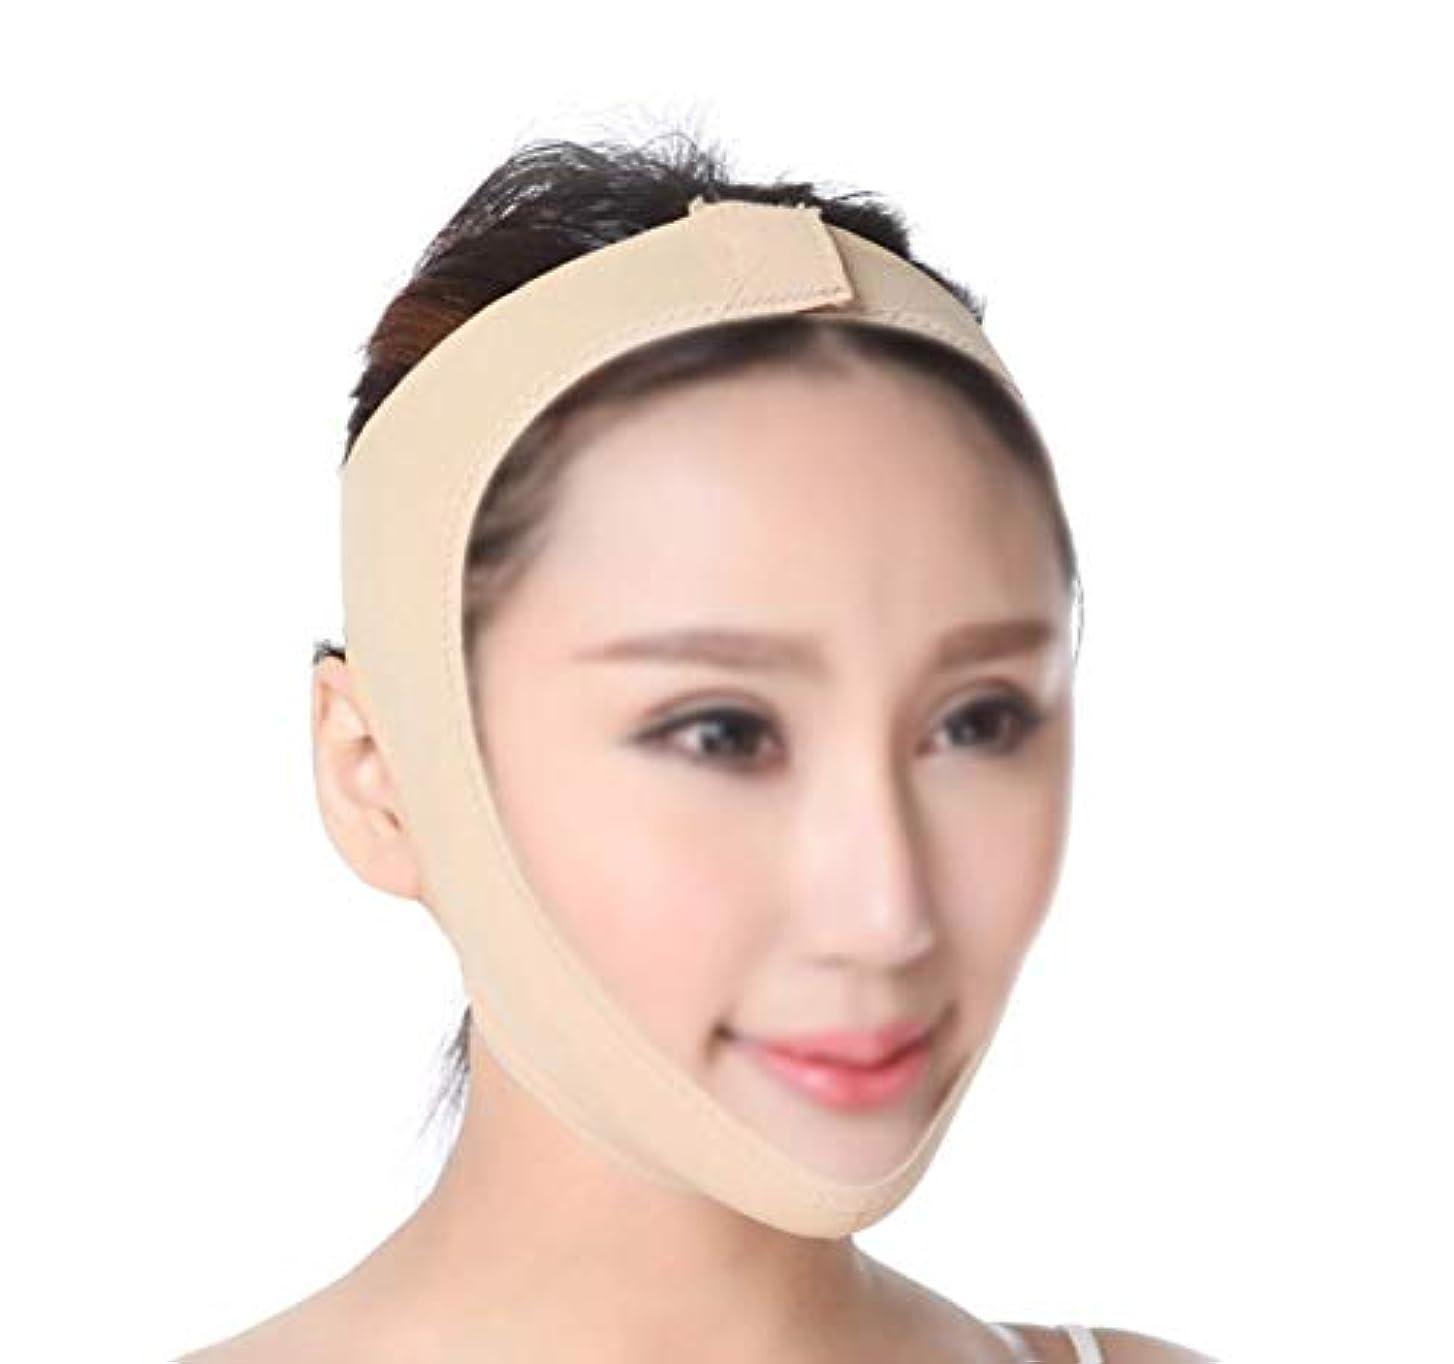 後世手中毒フェイスリフティング包帯、フェイシャル減量アンチシワケアフェイスリフトで肌を引き締め、二重あごを効果的に改善し、V字型の顔になります(サイズ:S),L